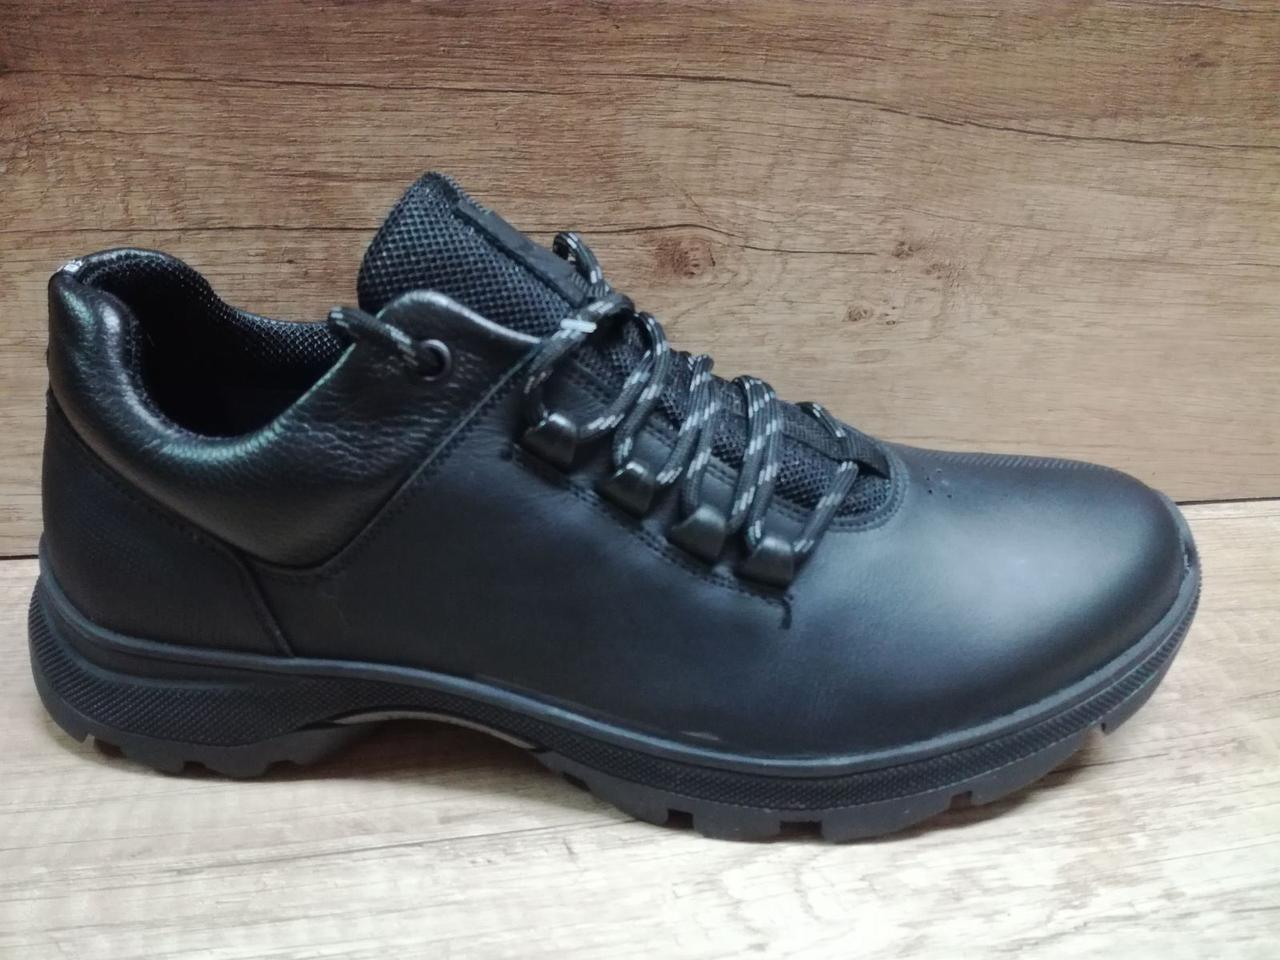 Мужские демисизонные кроссовки зимние МИДА 111155 из натуральной кожи